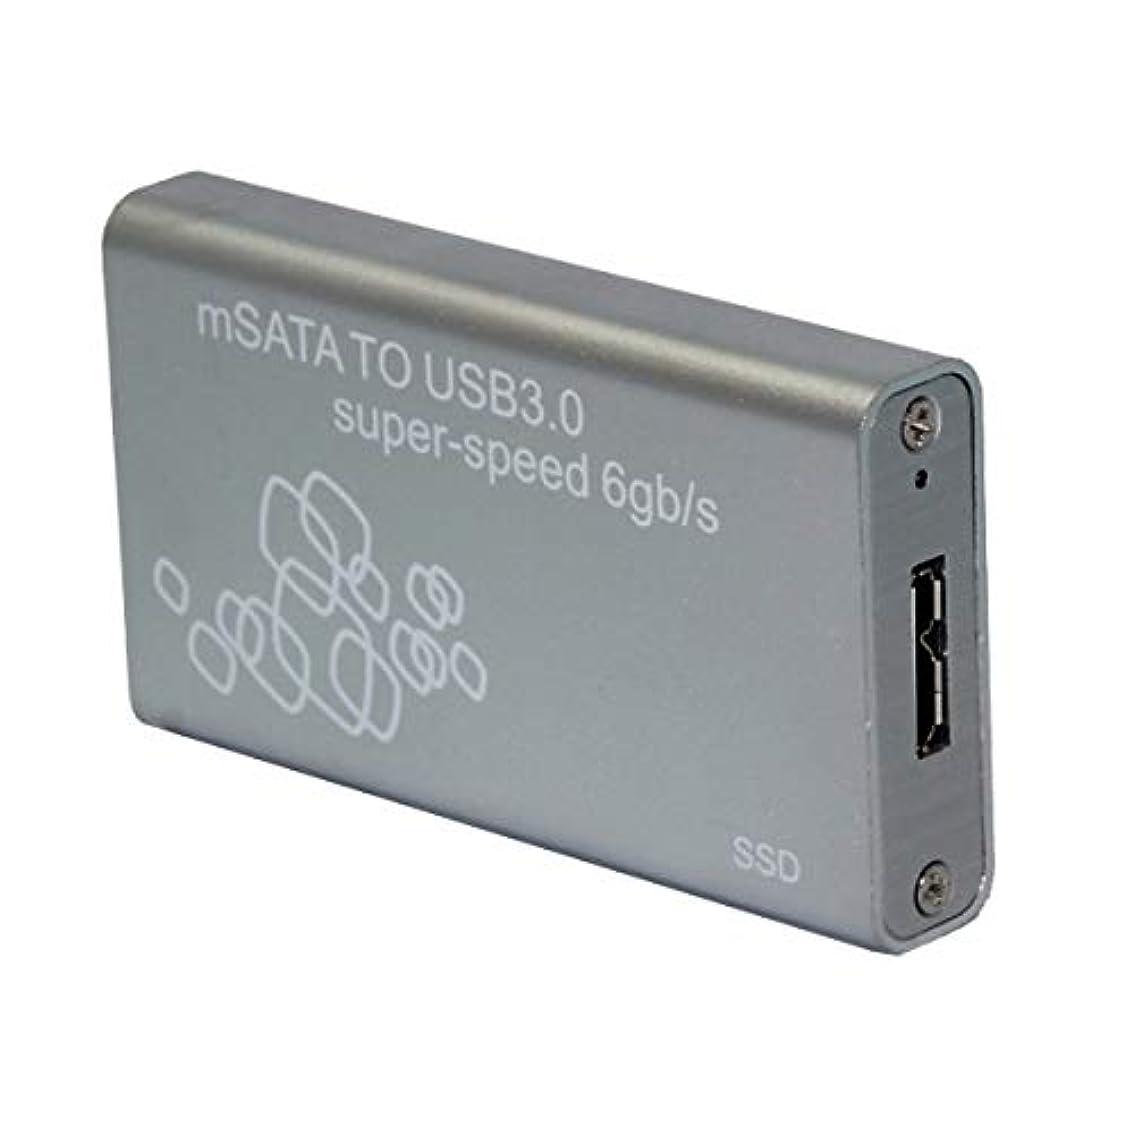 使役ランダム不器用Mini SSD エンクロージャ USB3.0 - mSATA 6Gbs アルミニウム Windows XP Vista 7 8 8.1 Linux Mac対応 (シルバーグレー)